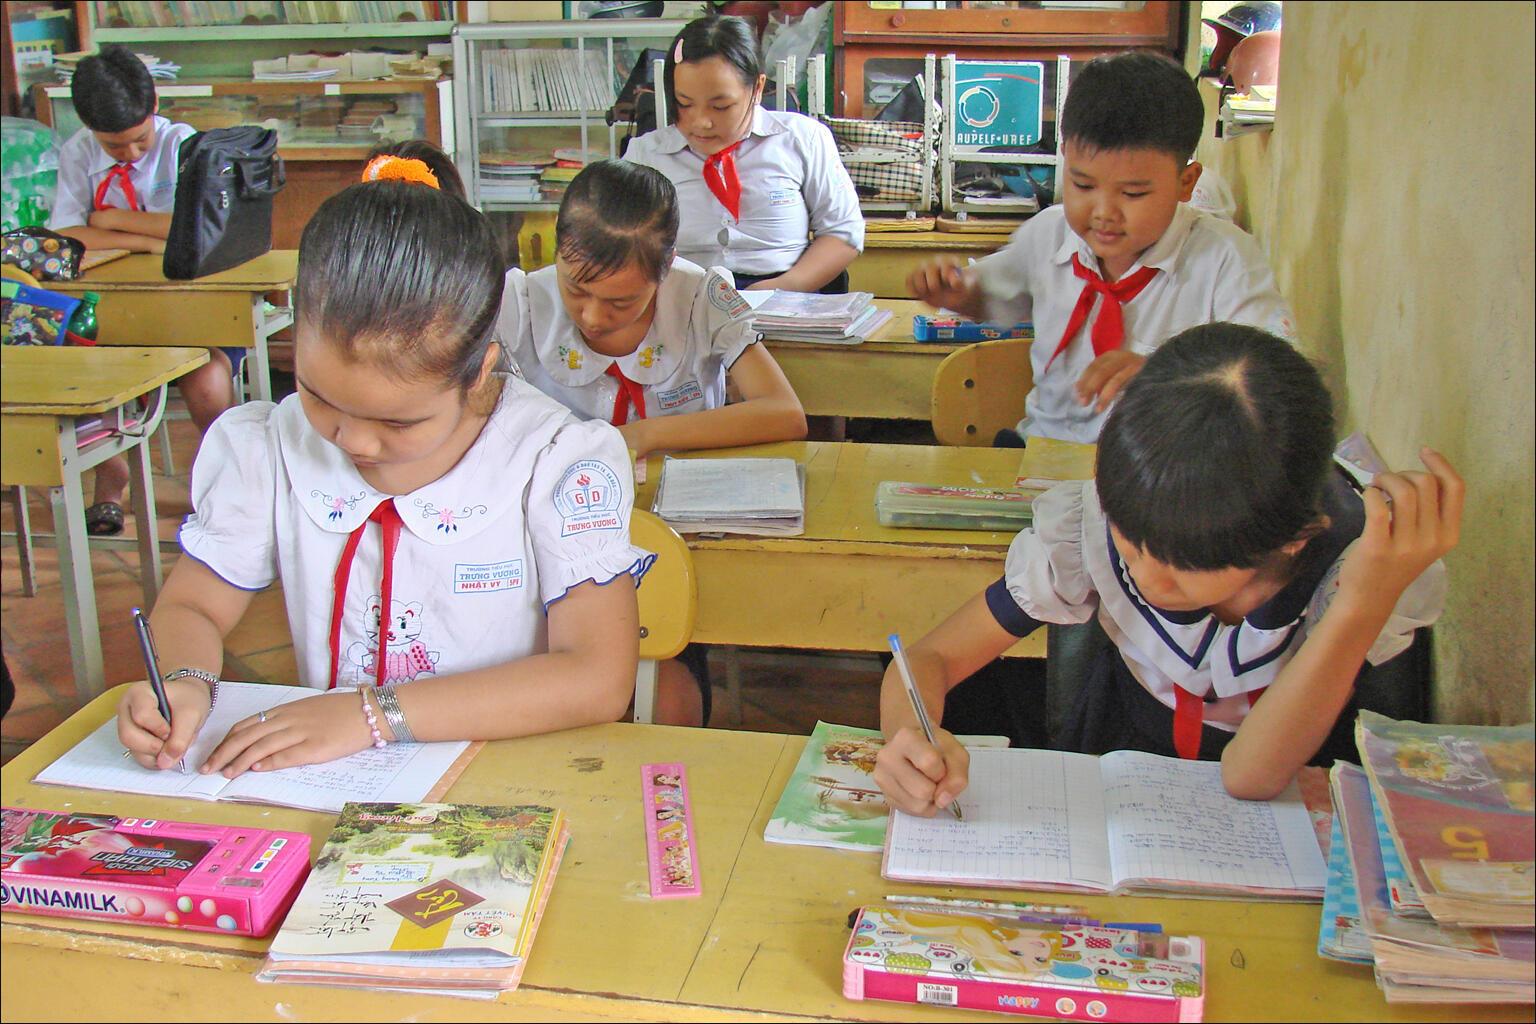 Một lớp học song ngữ ở trường Trưng Vương, Sa Đéc, Việt Nam.